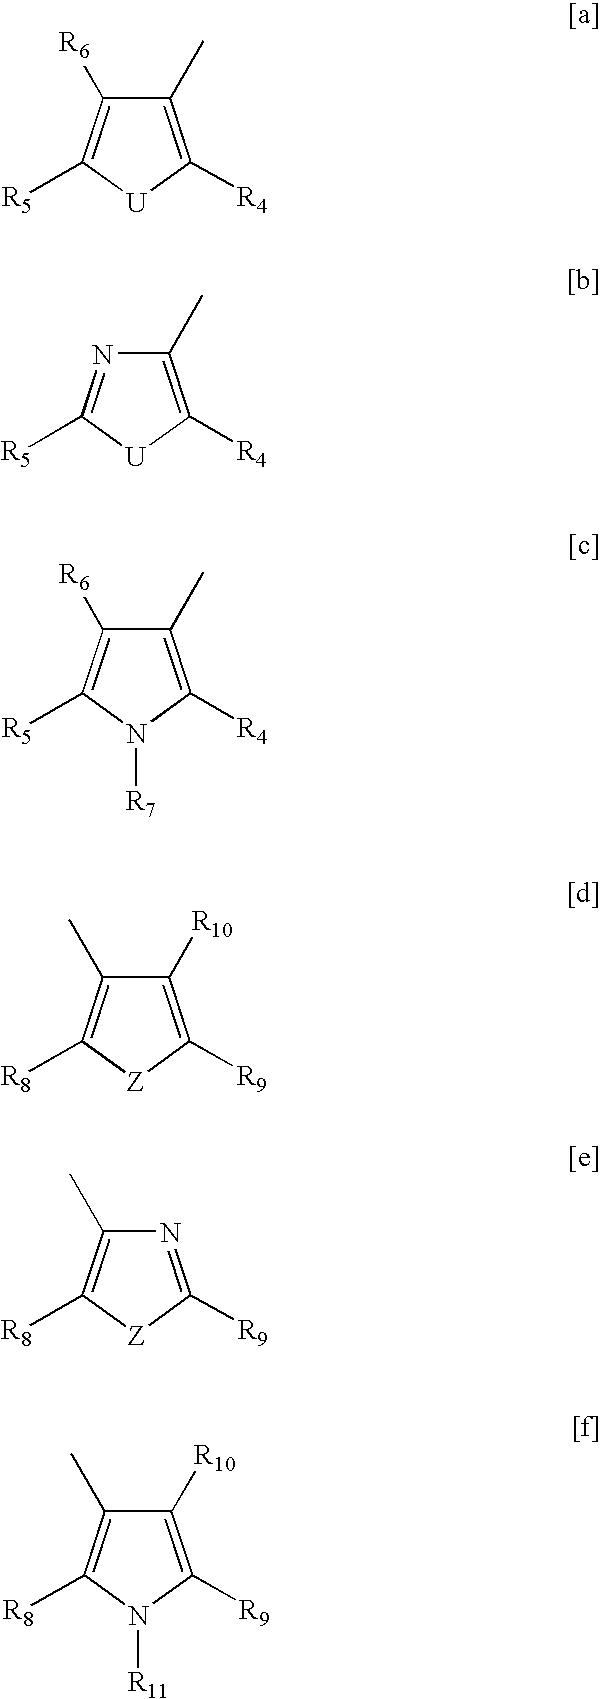 Figure US07645558-20100112-C00008